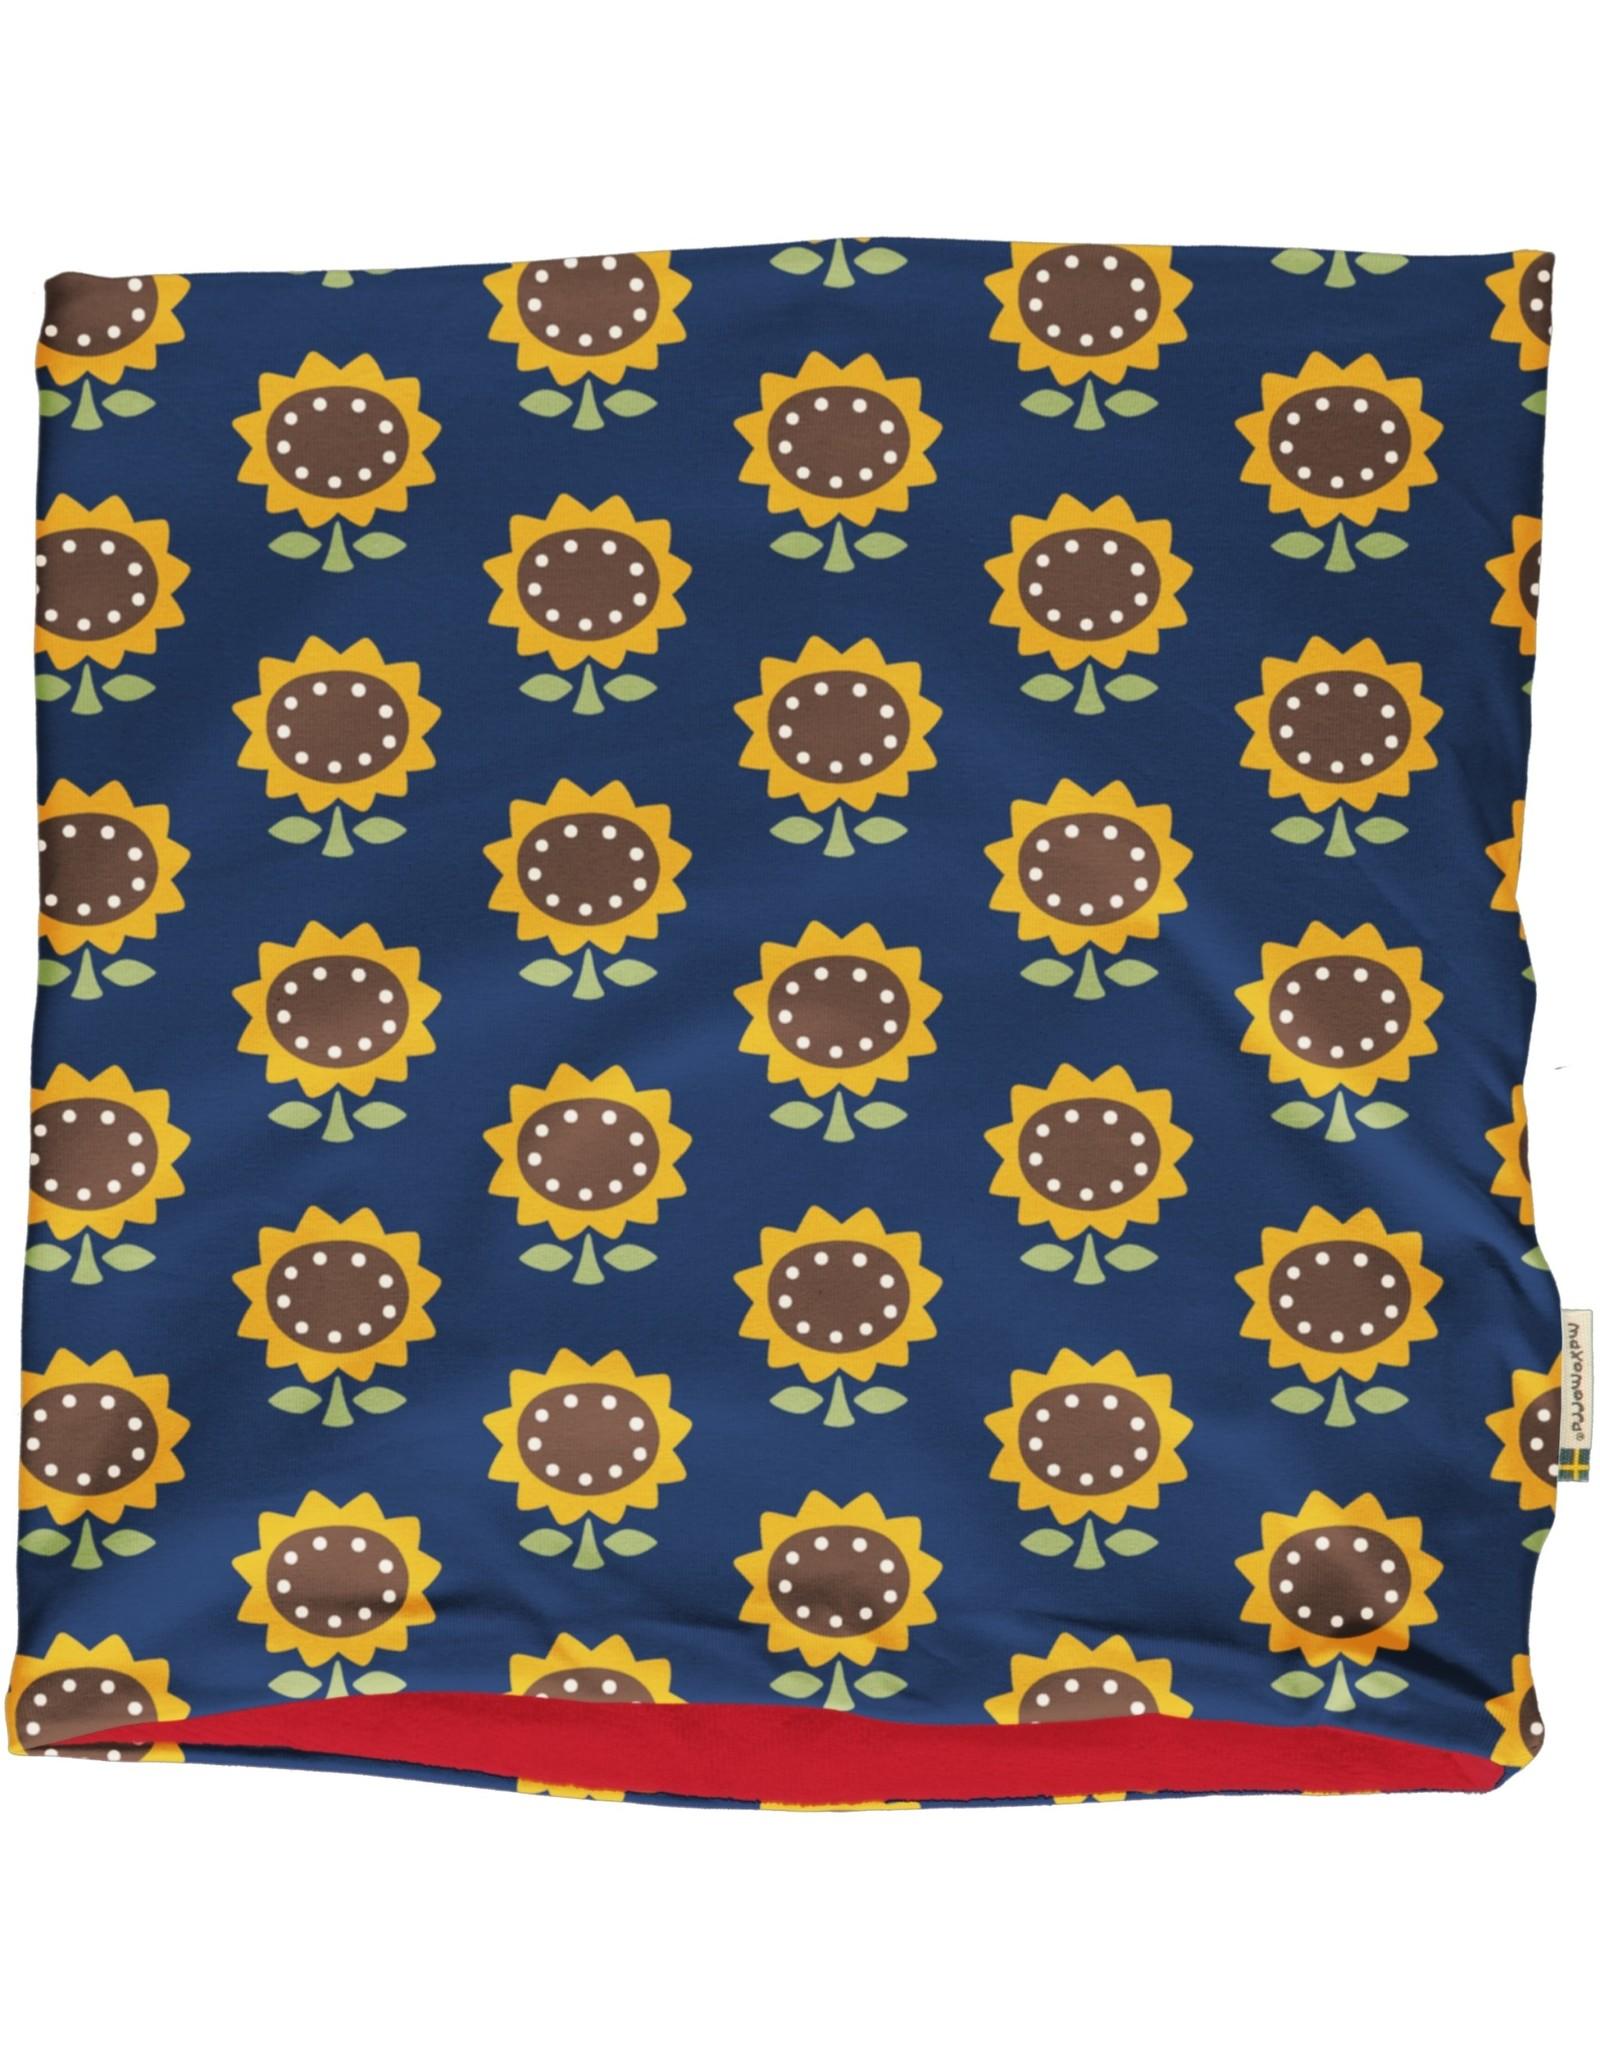 Maxomorra Ronde sjaal (binnenkant velours) met zonnebloemen